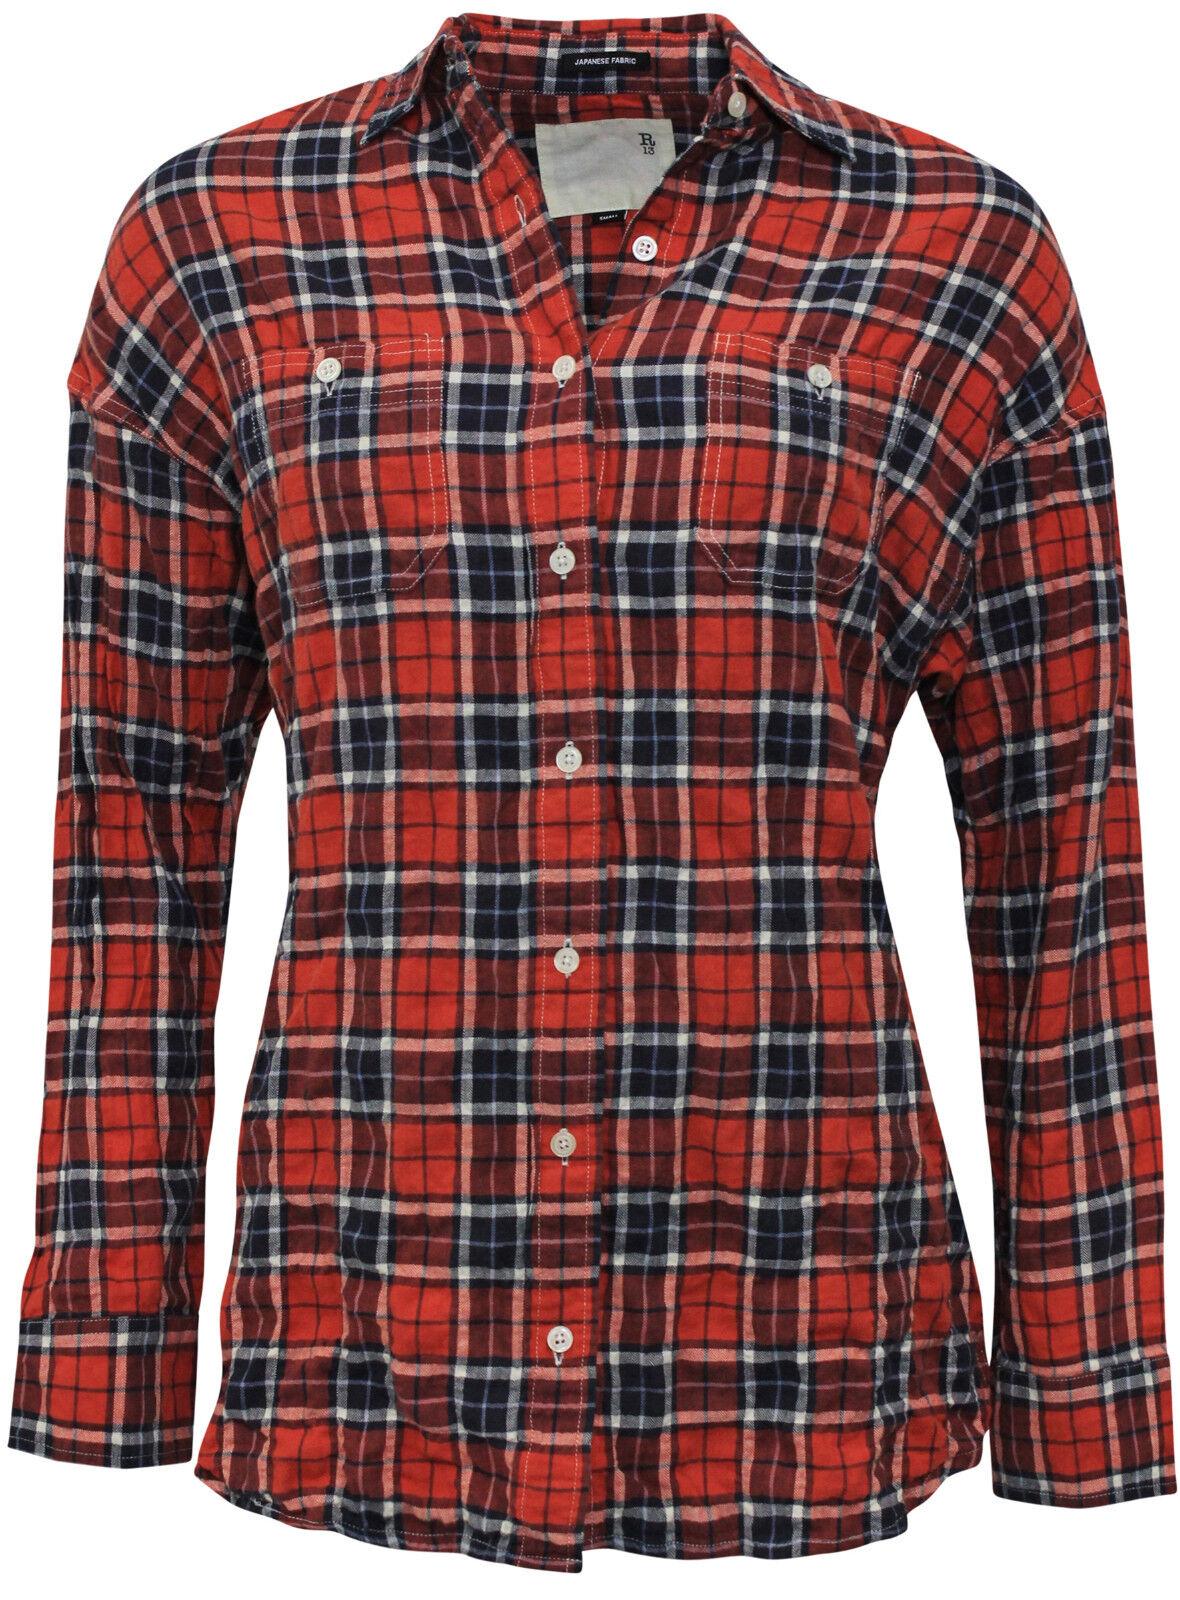 R13 KARO HEMD  Karo Hemd mit Rücken-Ausschnitt in rot schwarz, GR. M  NEU